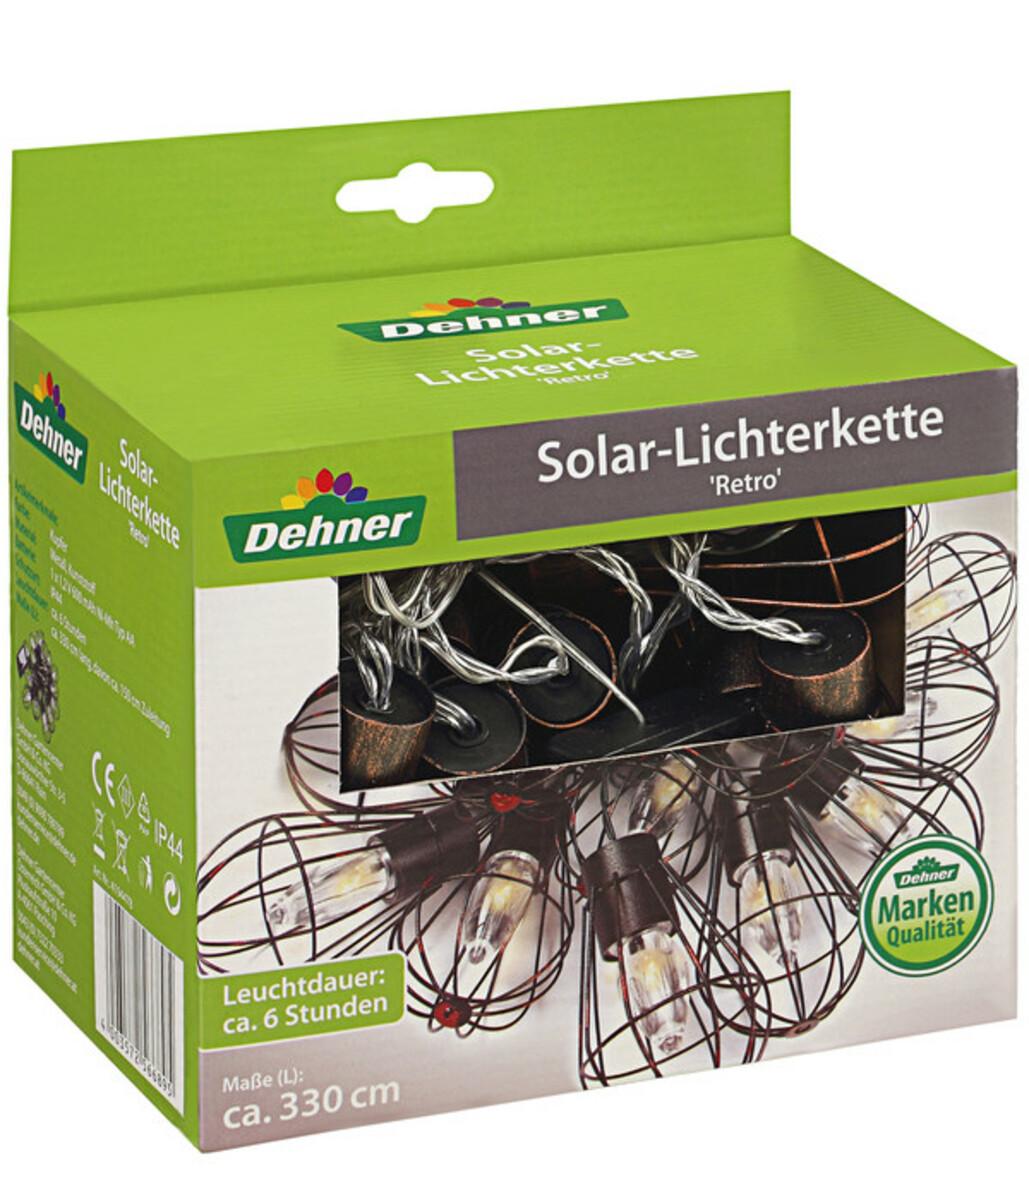 Bild 4 von Dehner Solar-Lichterkette 'Retro'